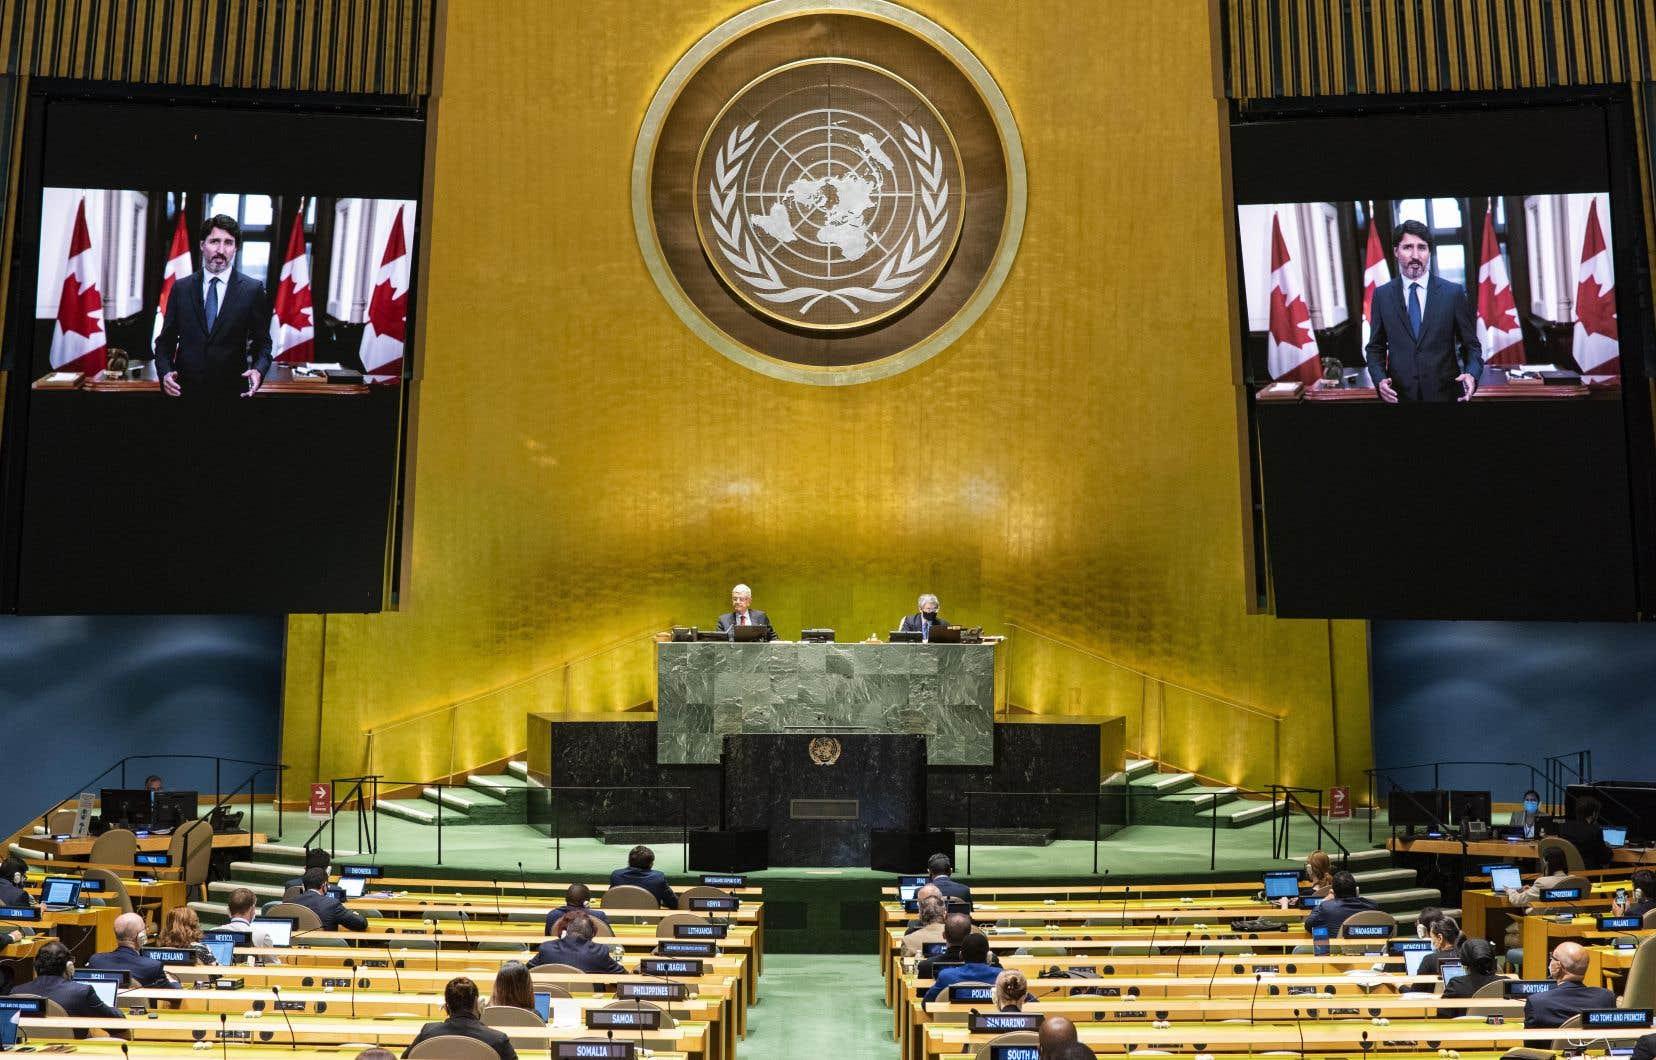 JustinTrudeau a participé lundi à une session extraordinaire des Nations Unies par vidéoconférence en marge de la réunion virtuelle de l'Assemblée générale.